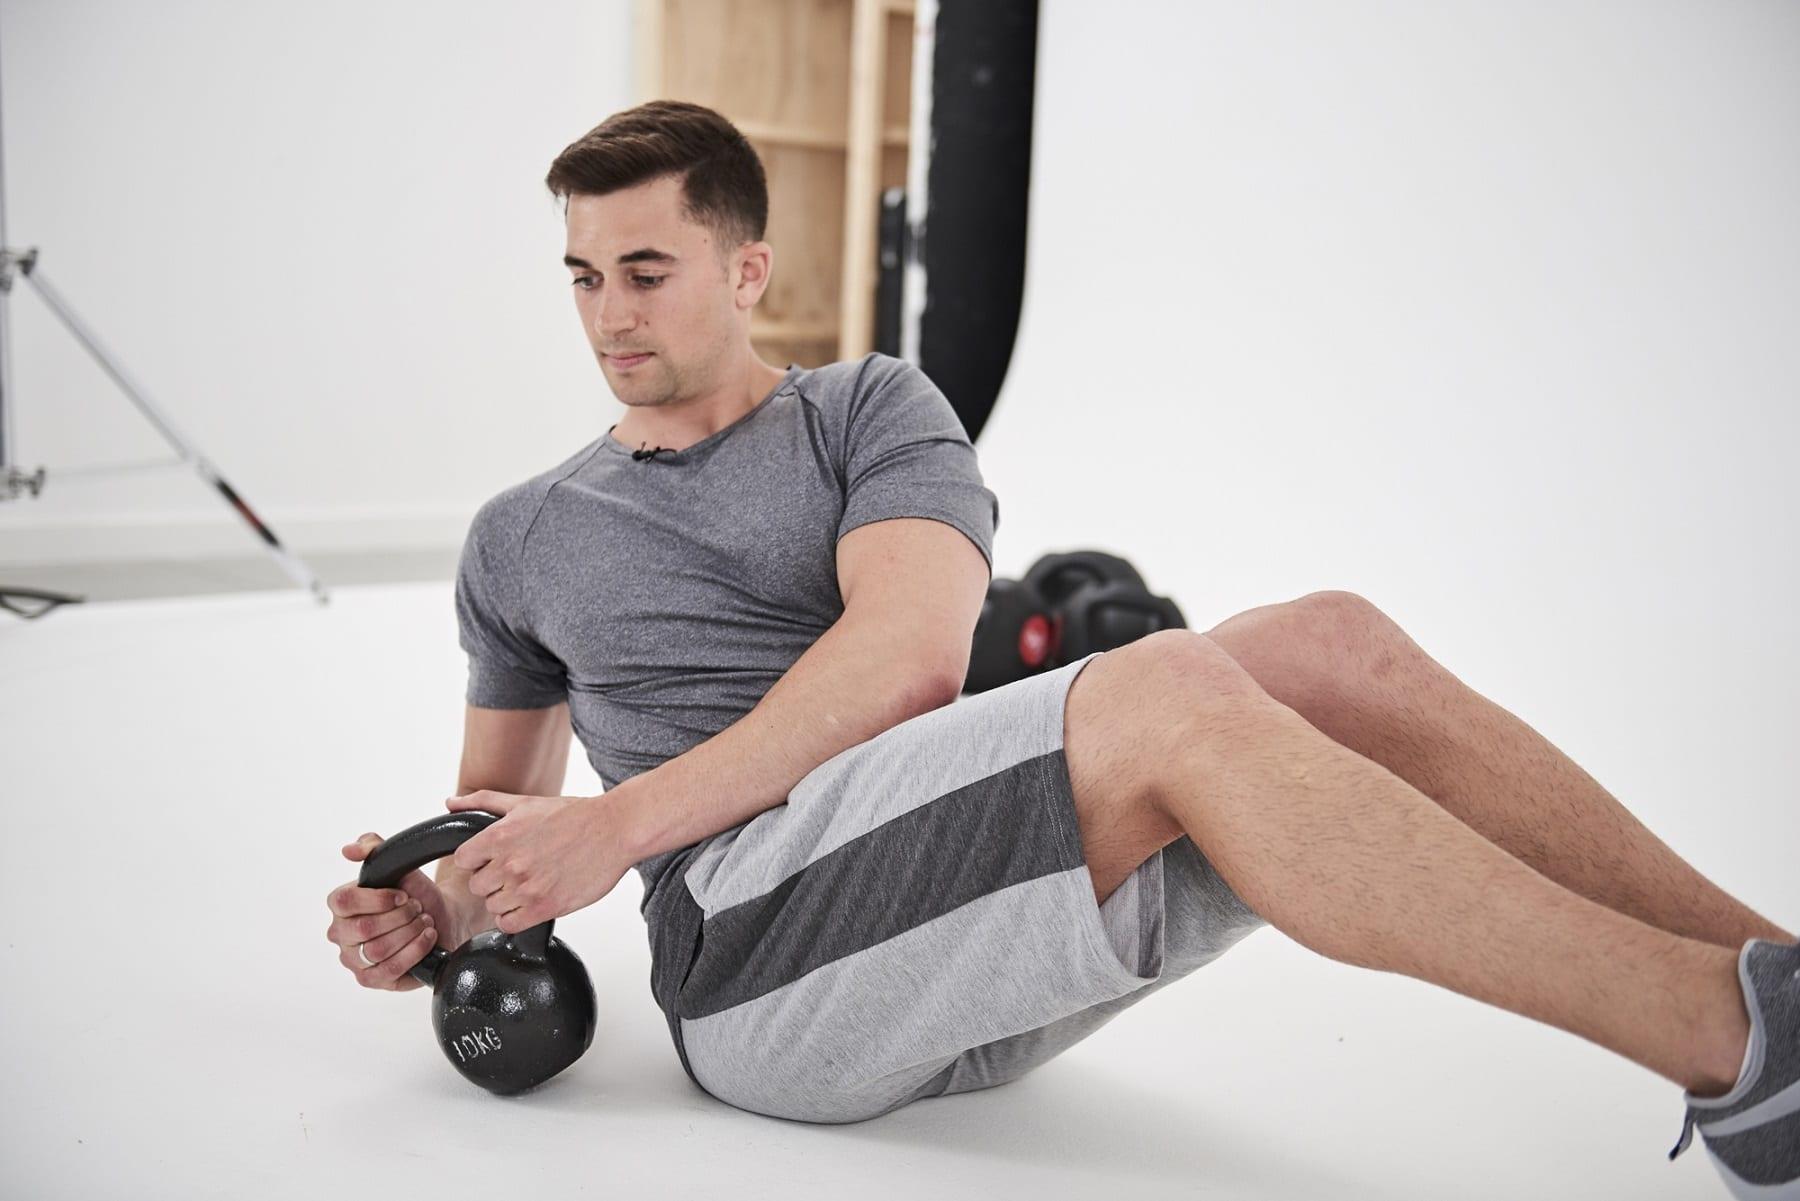 Sforbiciate | Come si eseguono? Muscoli coinvolti ed errori comuni